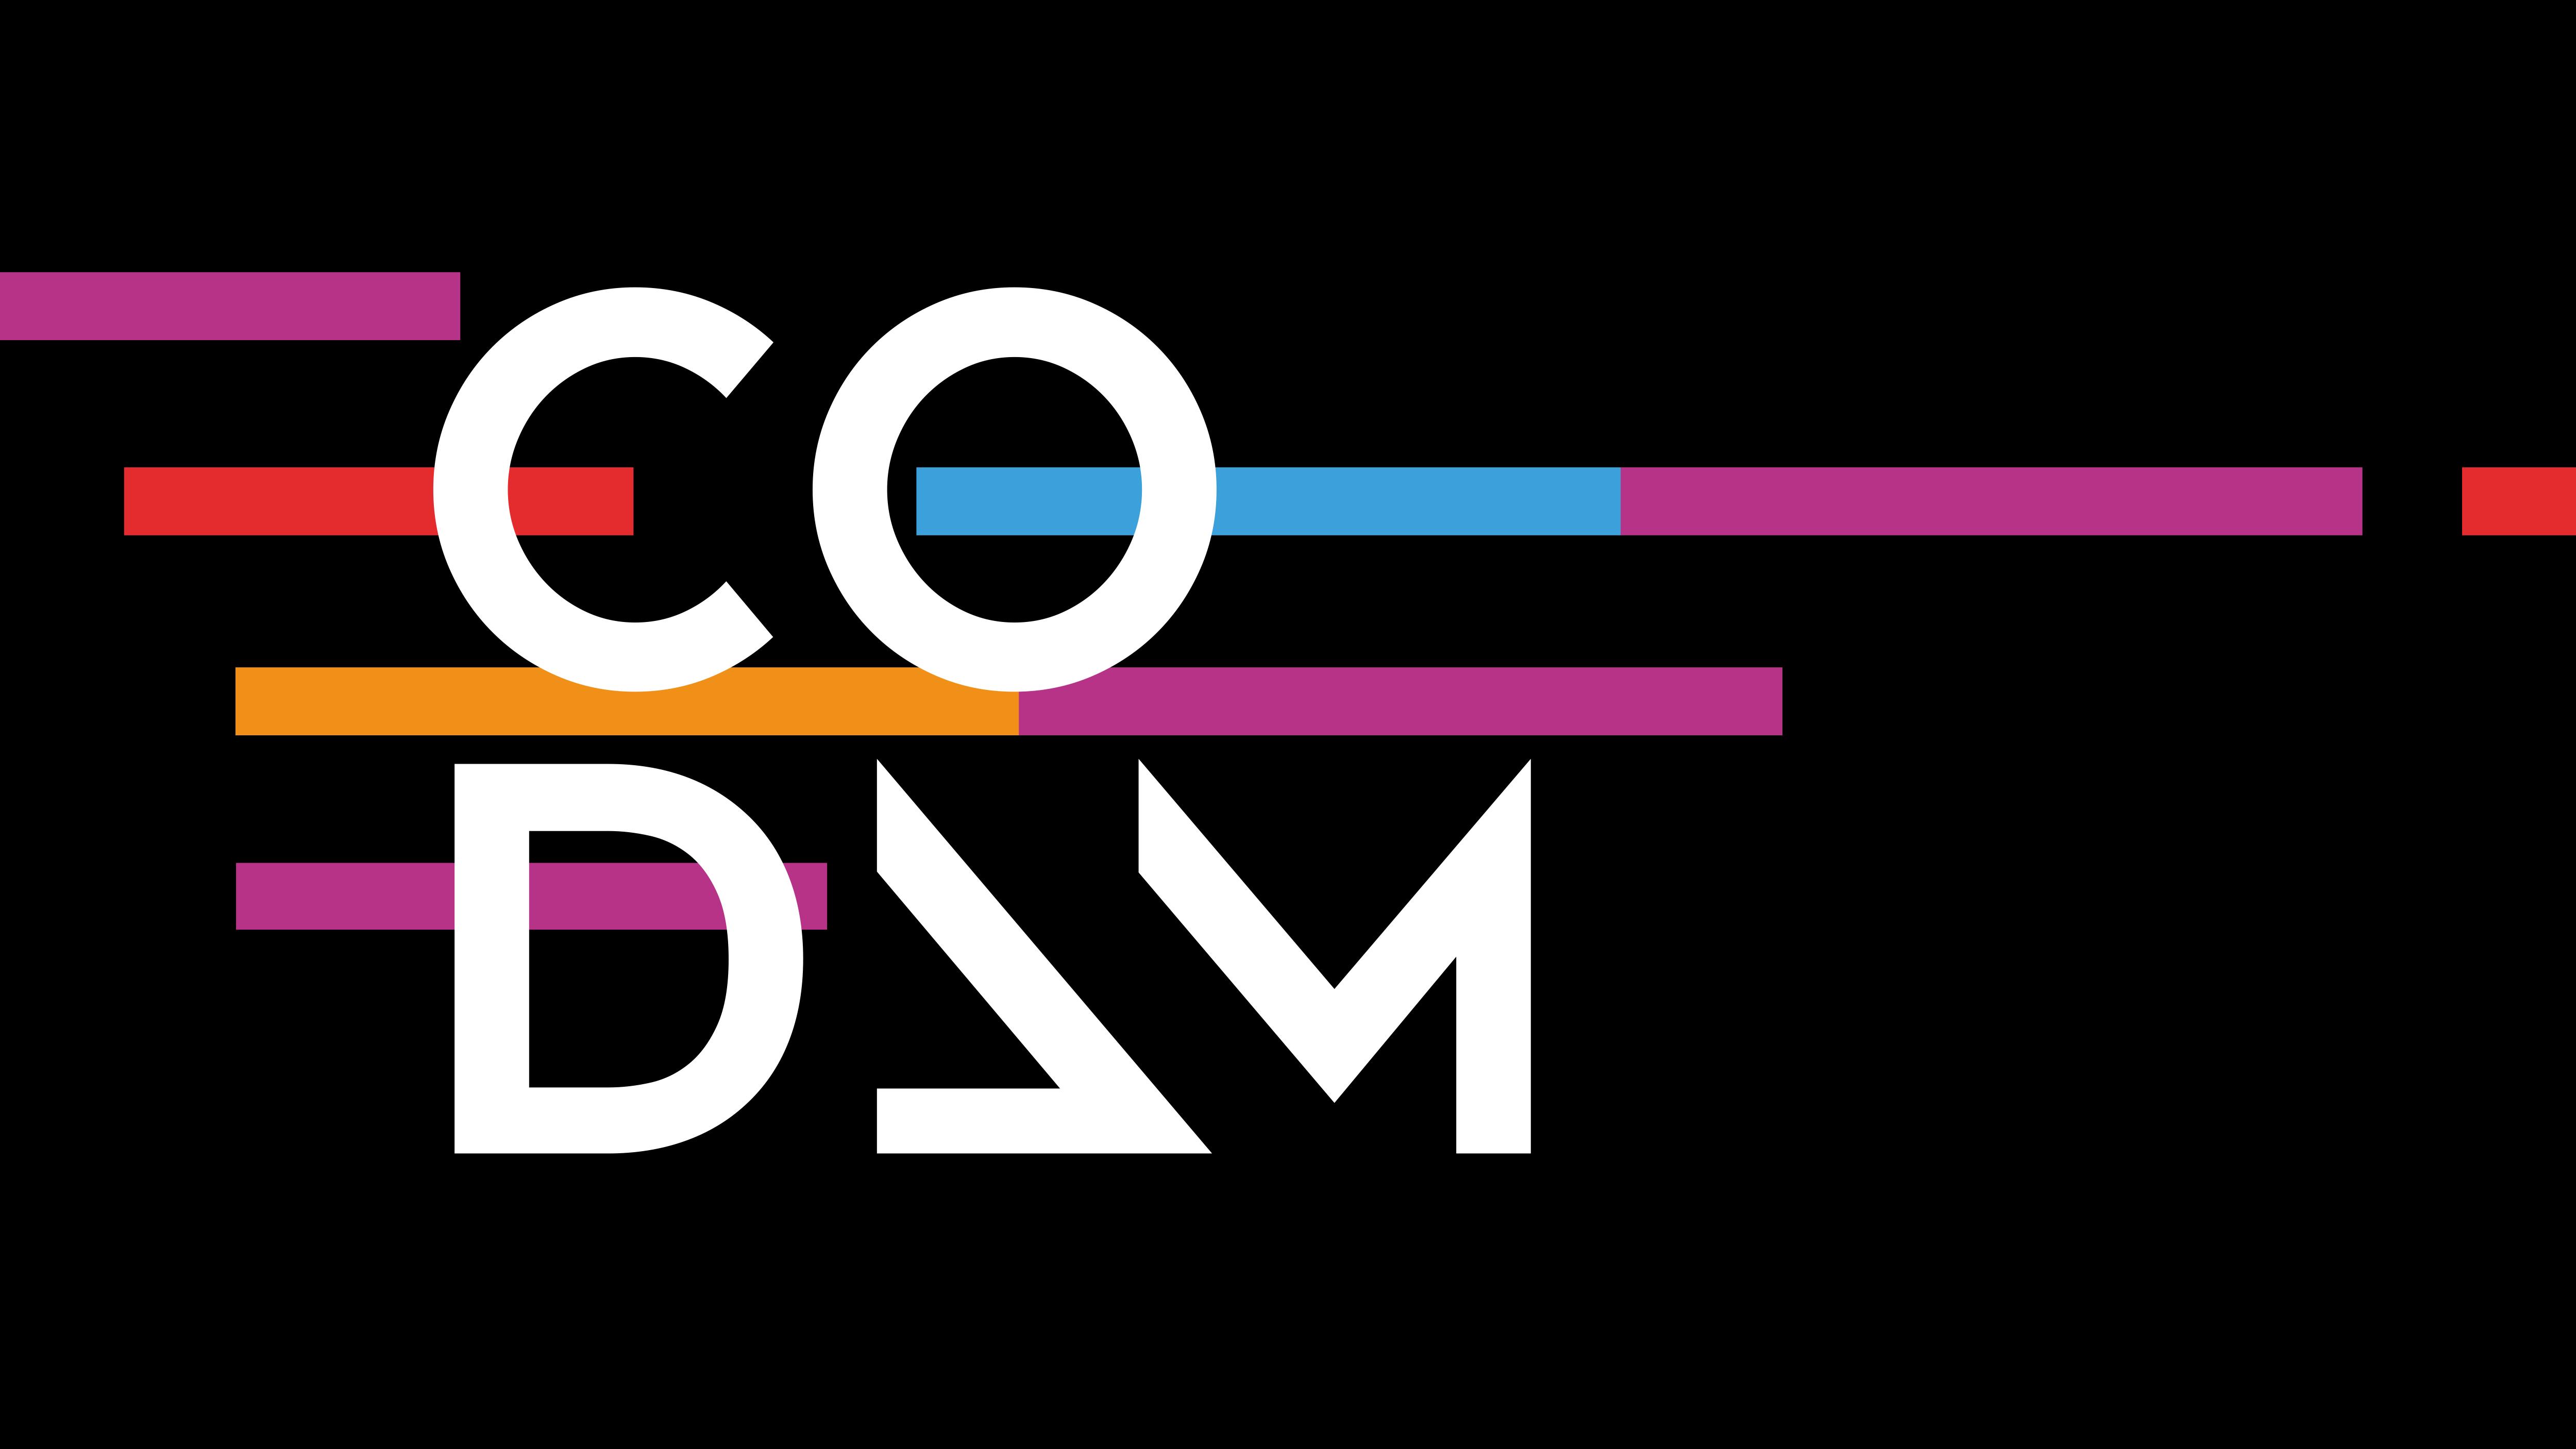 Codam Coding College